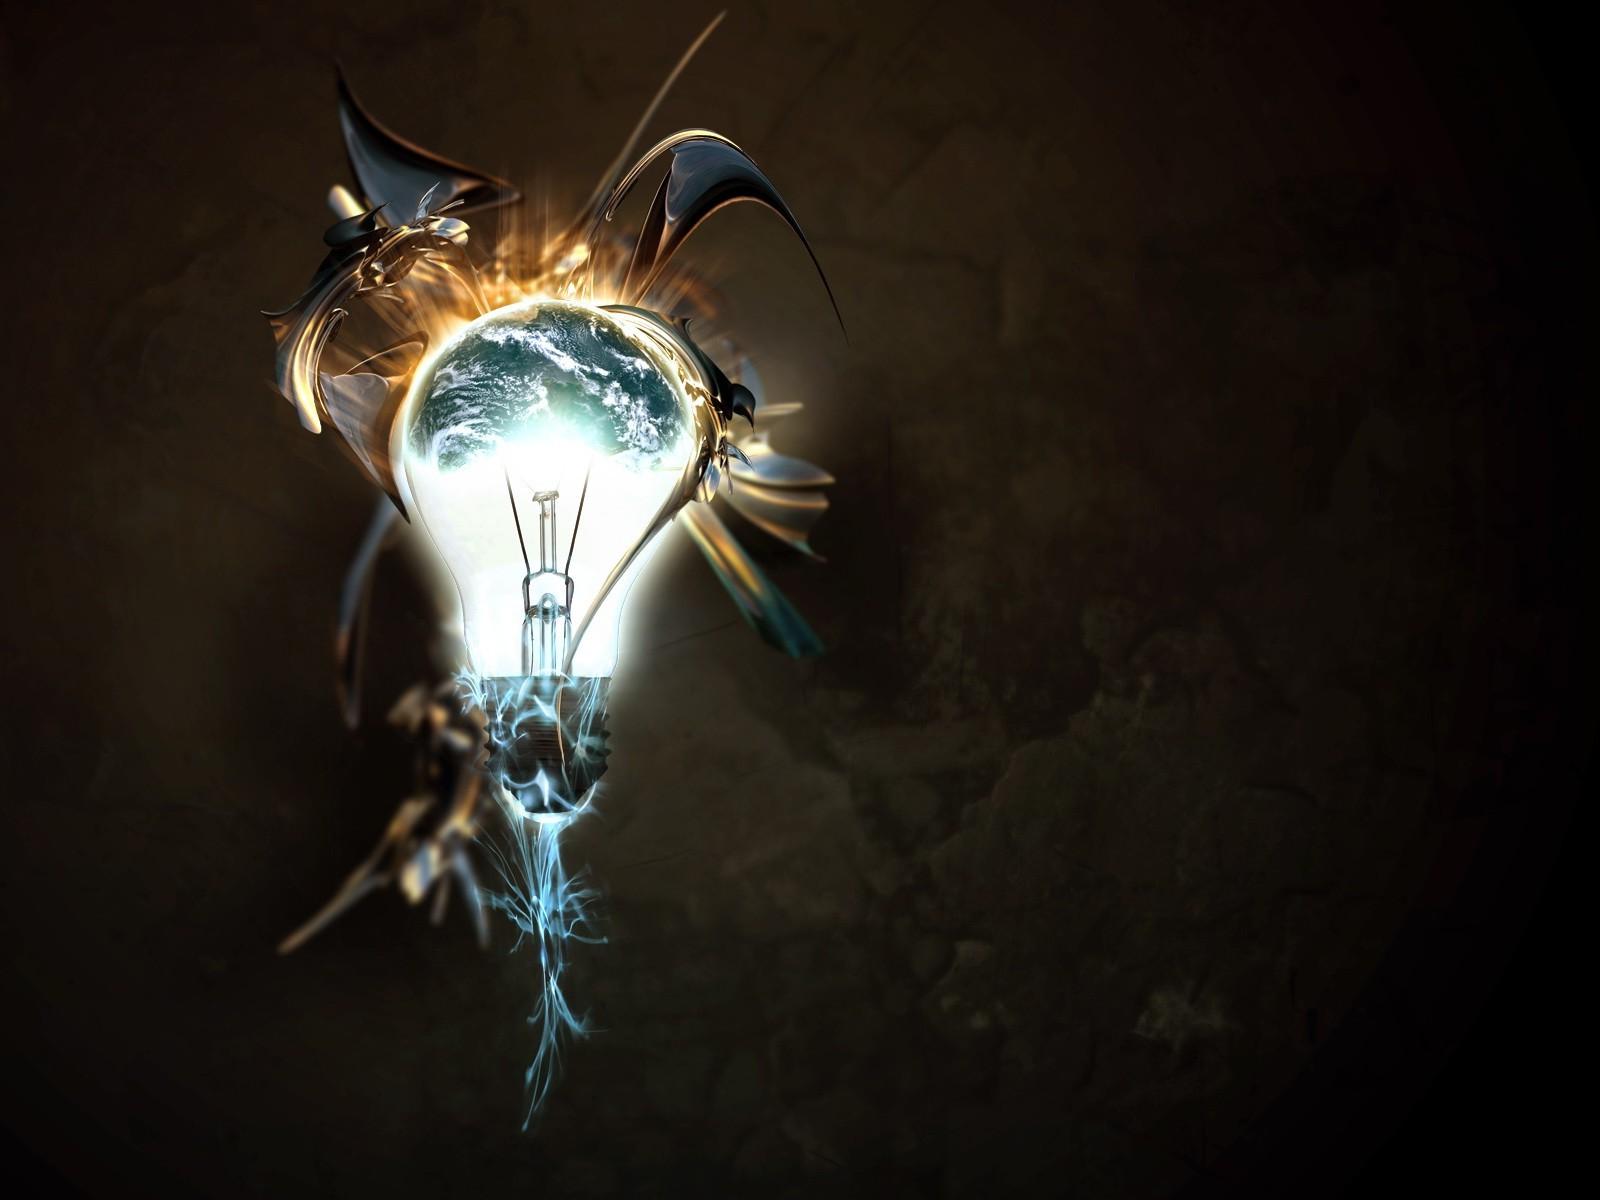 дачном абстрактные картинки лампа свет эрнст